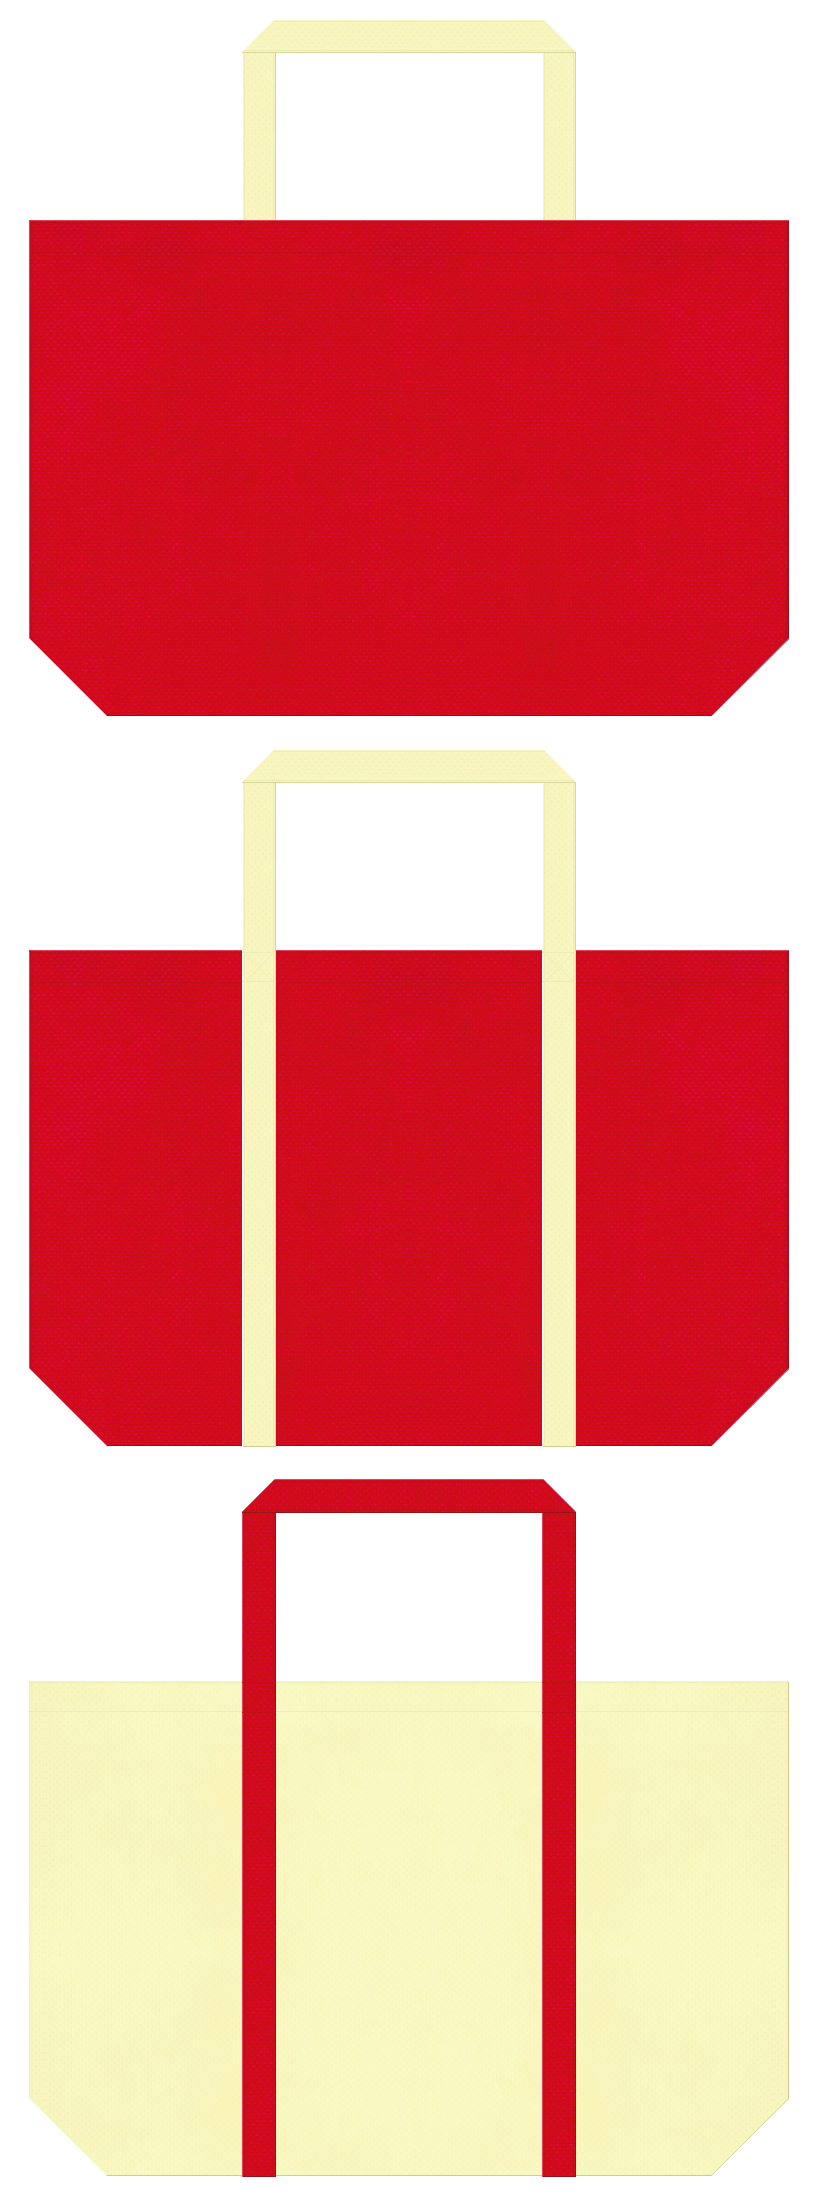 不織布ショッピングバッグのデザイン:紅色と薄黄色のコーデ。節分商品・ひなまつり商品のショッピングバッグにお奨めです。